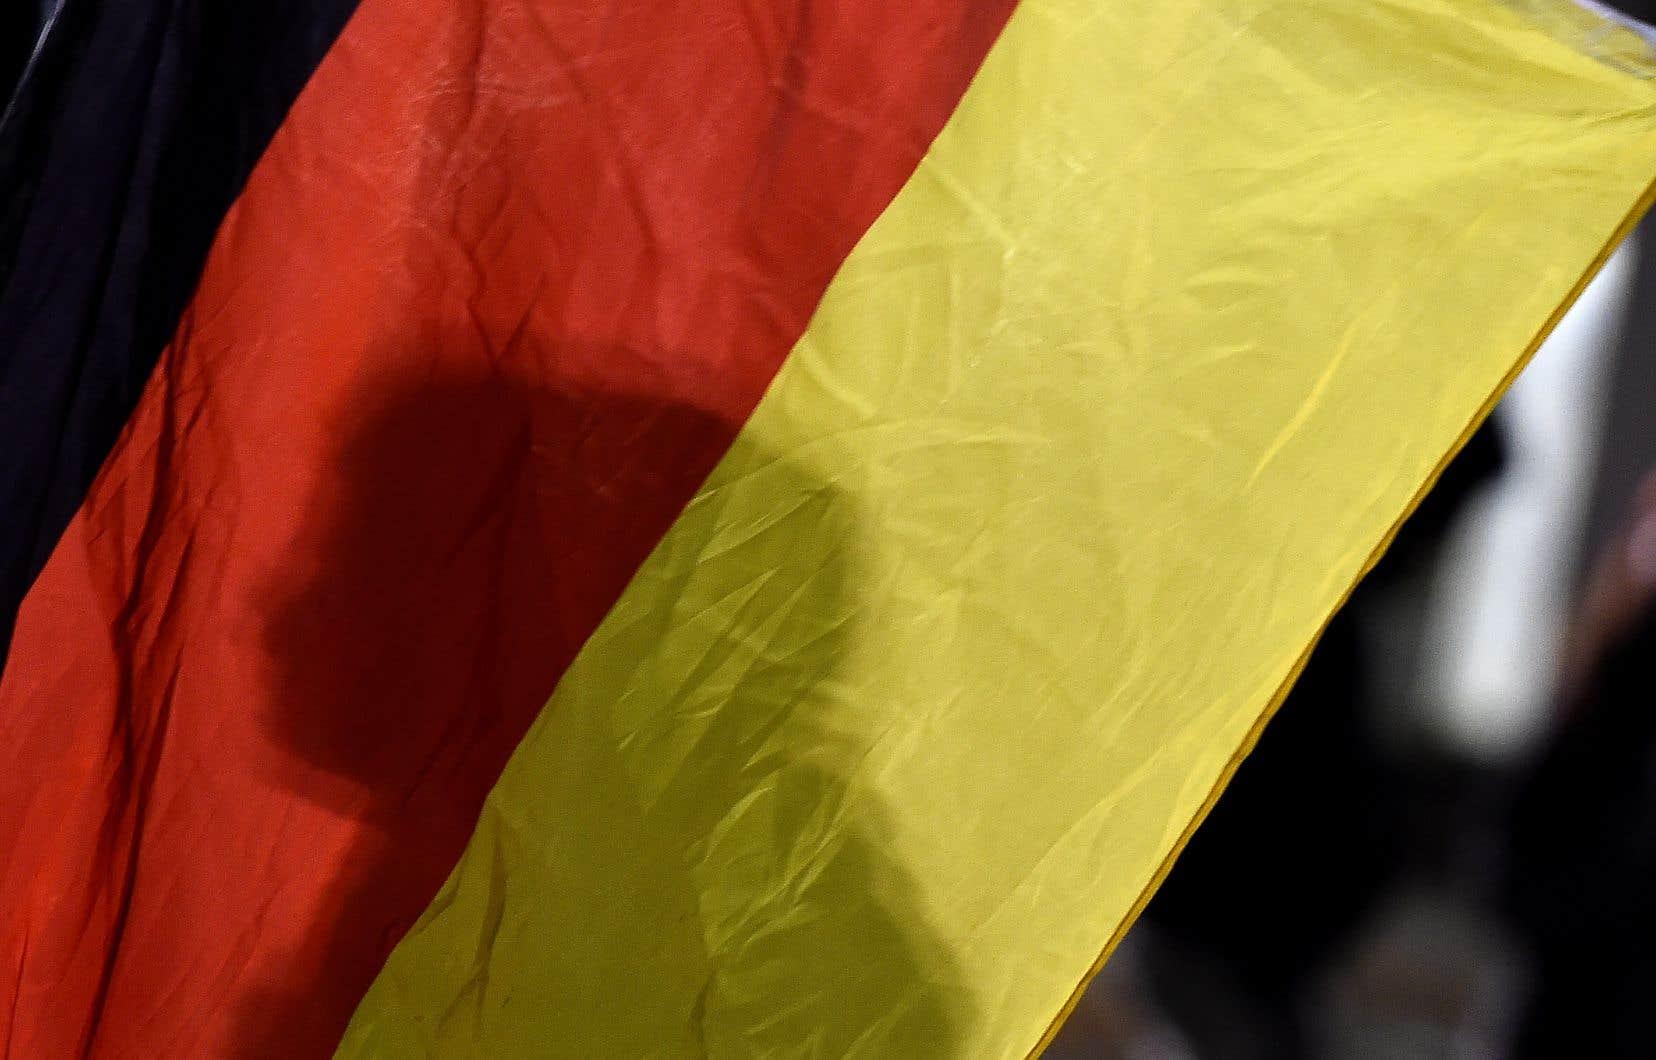 «Nous sommes en 2018 après Jésus-Christ. Toute l'Allemagne est un bastion de tolérance et d'ouverture. Toute l'Allemagne? Non», affirme l'auteur.